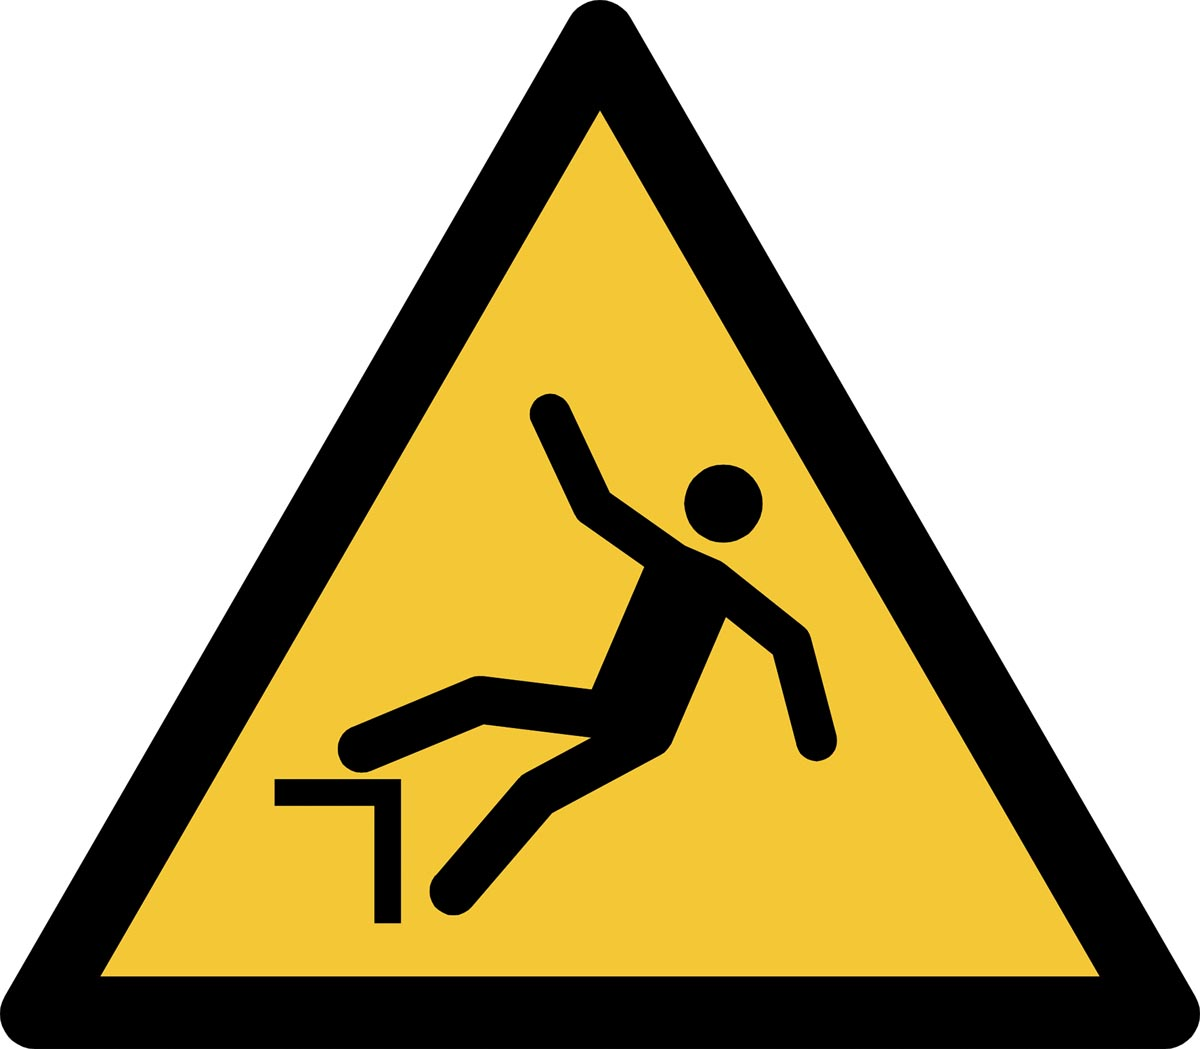 Tarifold waarschuwingsbord uit PP, valgevaar door hoogteverschil, ft 20 x 17,6 cm